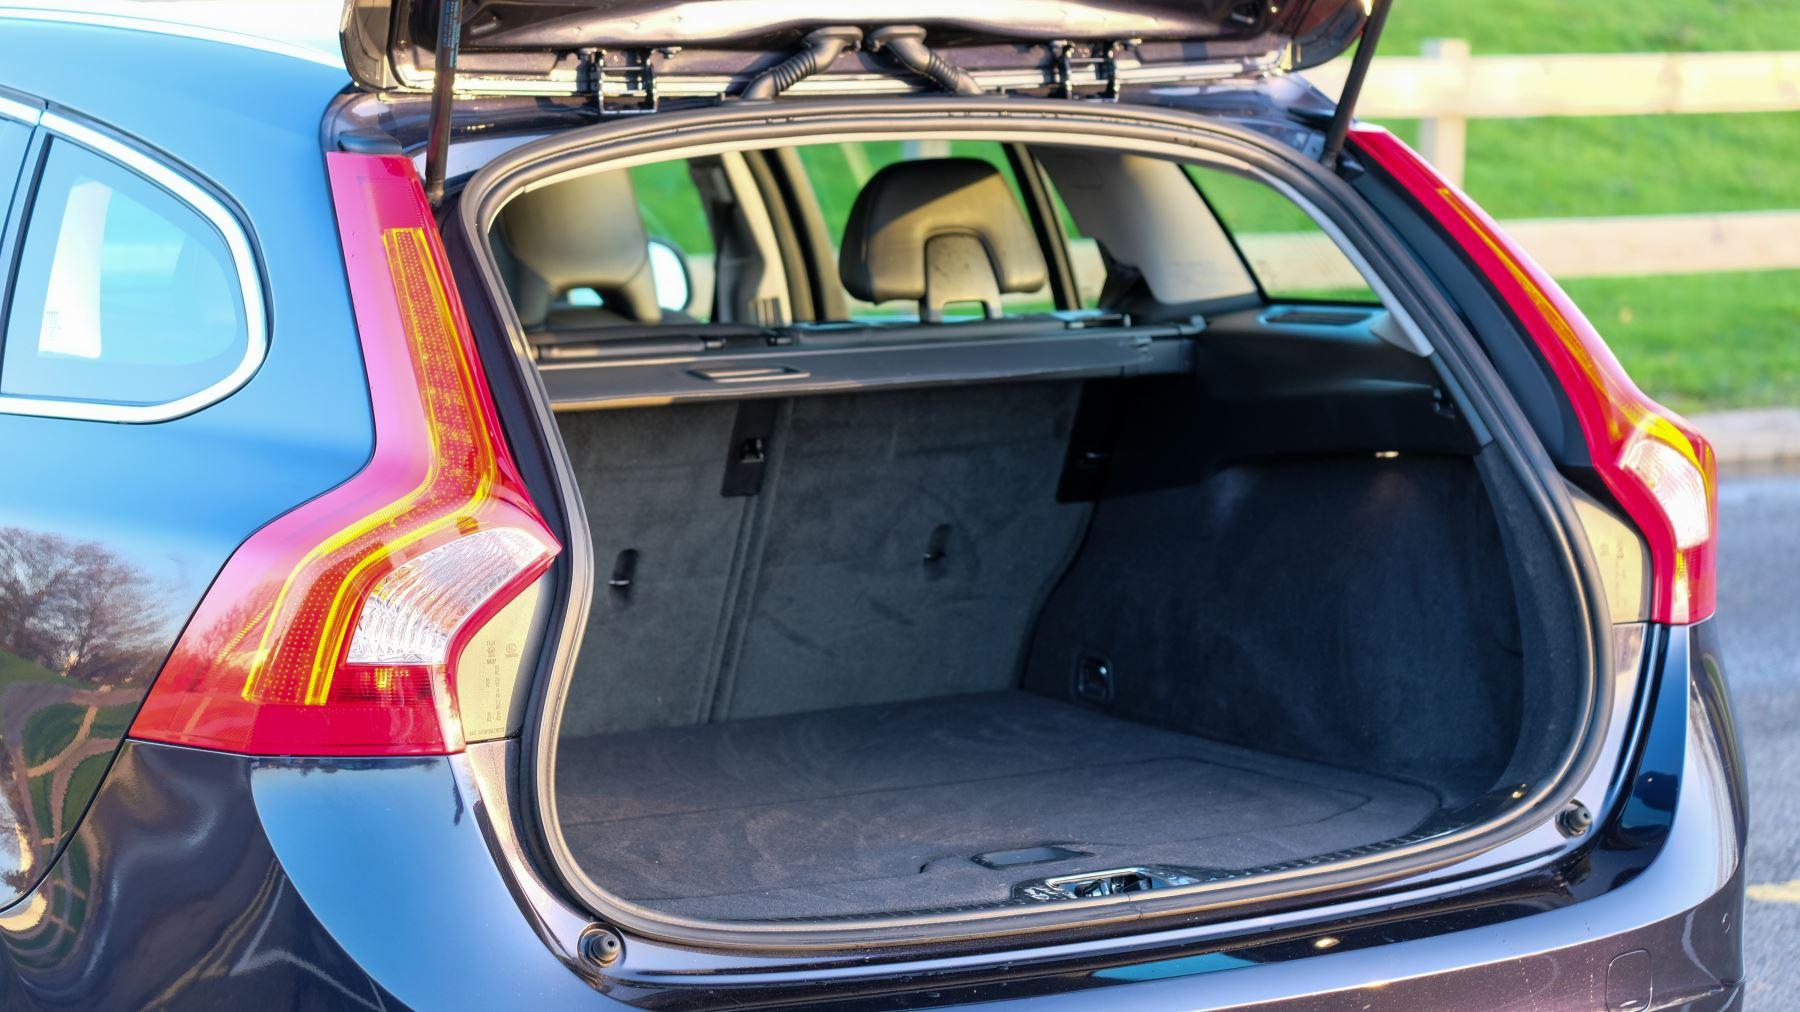 Volvo V60 D4 SE Lux Nav Auto, Winter Illumination & Family Pack, Sunroof, BLIS, VAT Reclaimable image 11